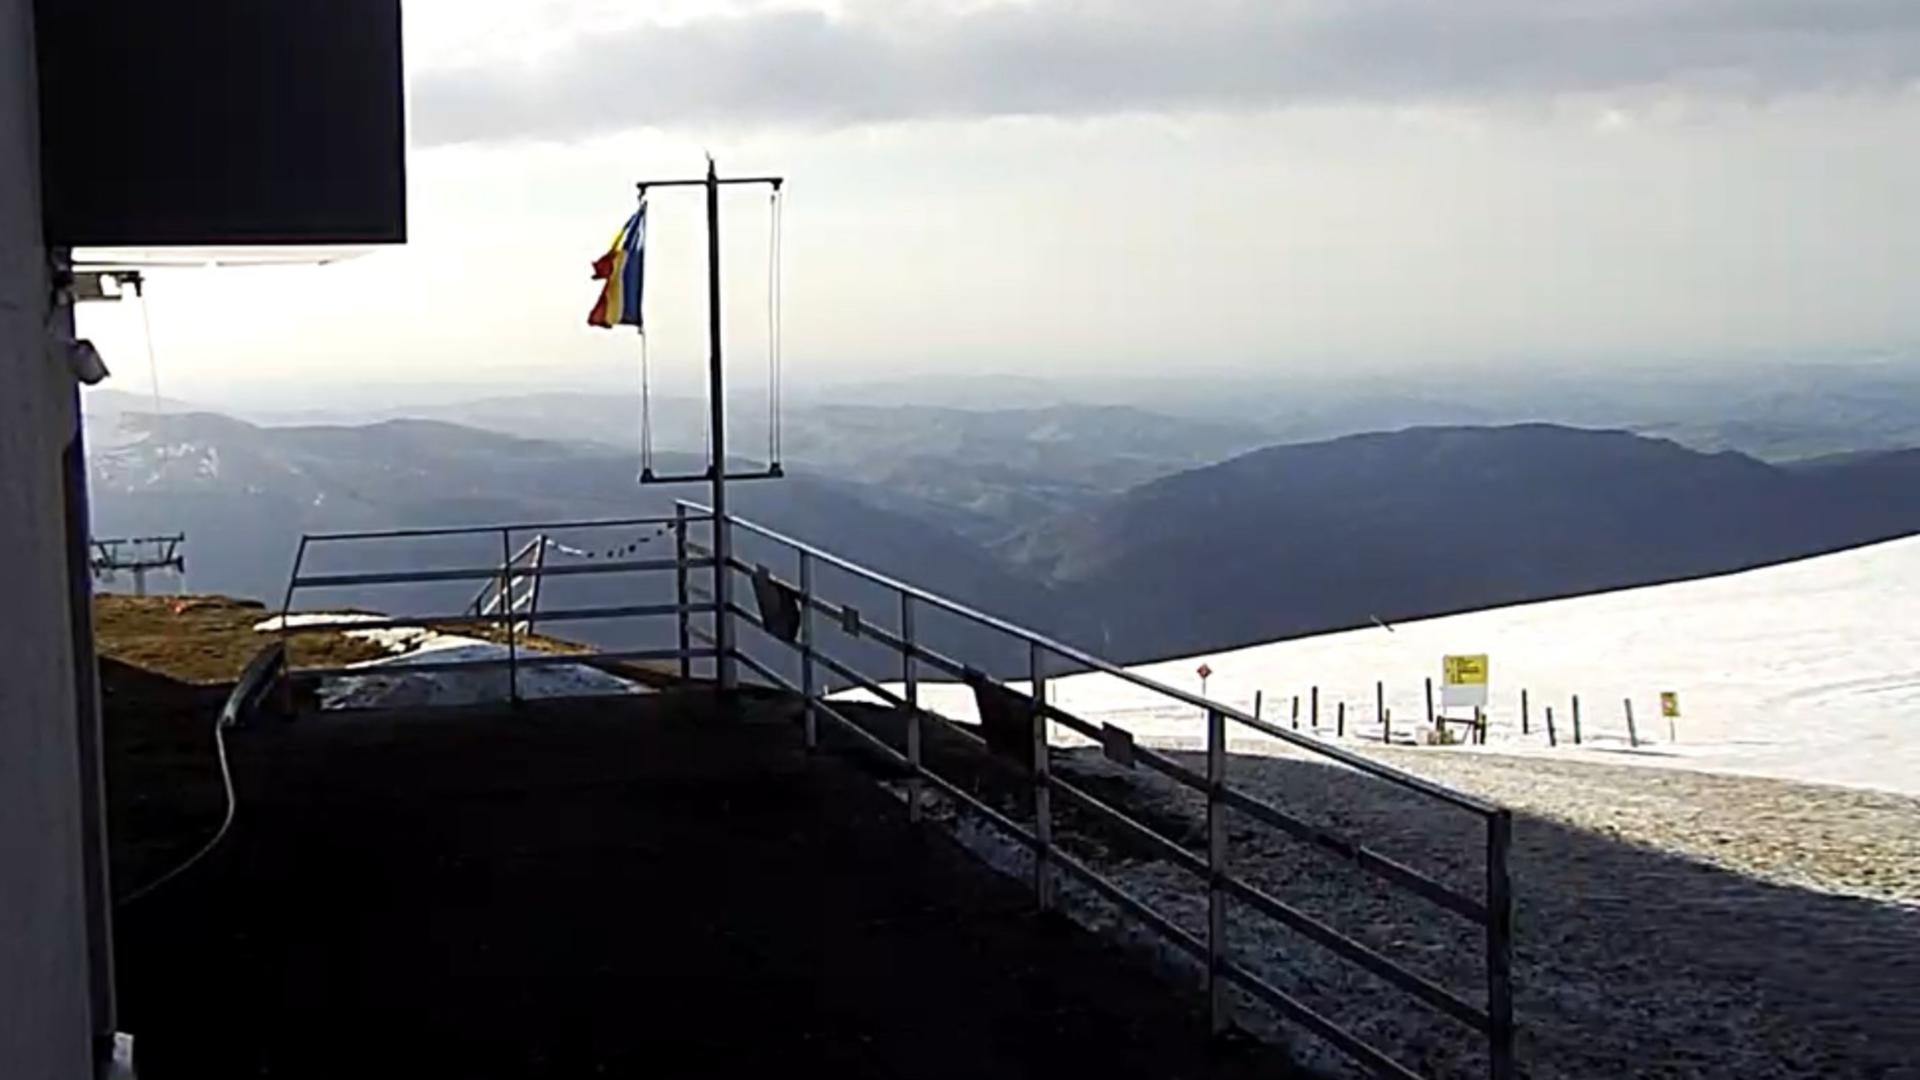 Sezonul de schi a fost declarat încheiat la Sinaia din cauza unor defecțiuni tehnice